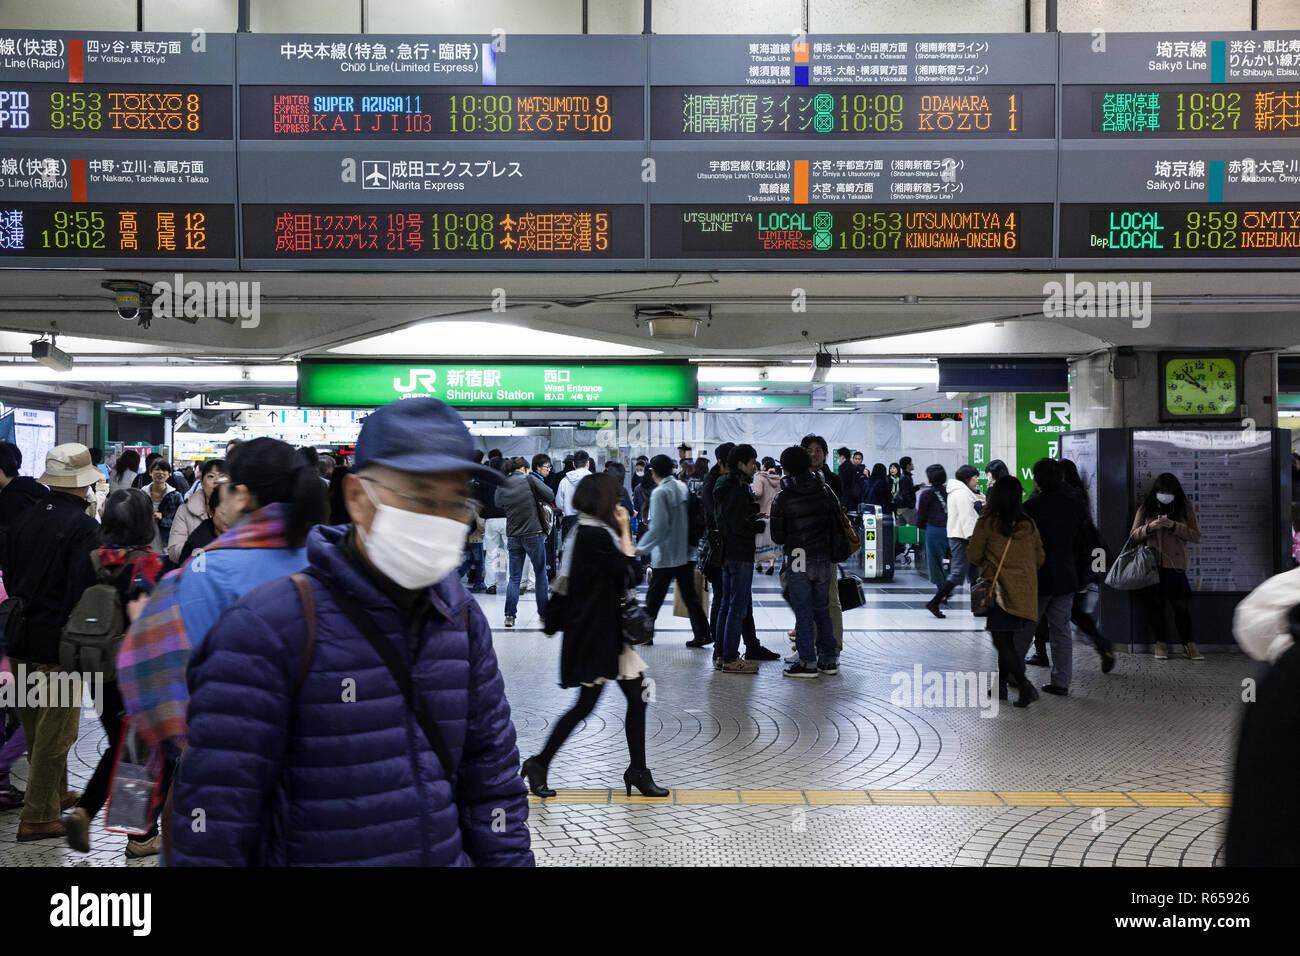 Der Bahnhof Shinjuku Station im Zentrum von Tokio - Stock Image